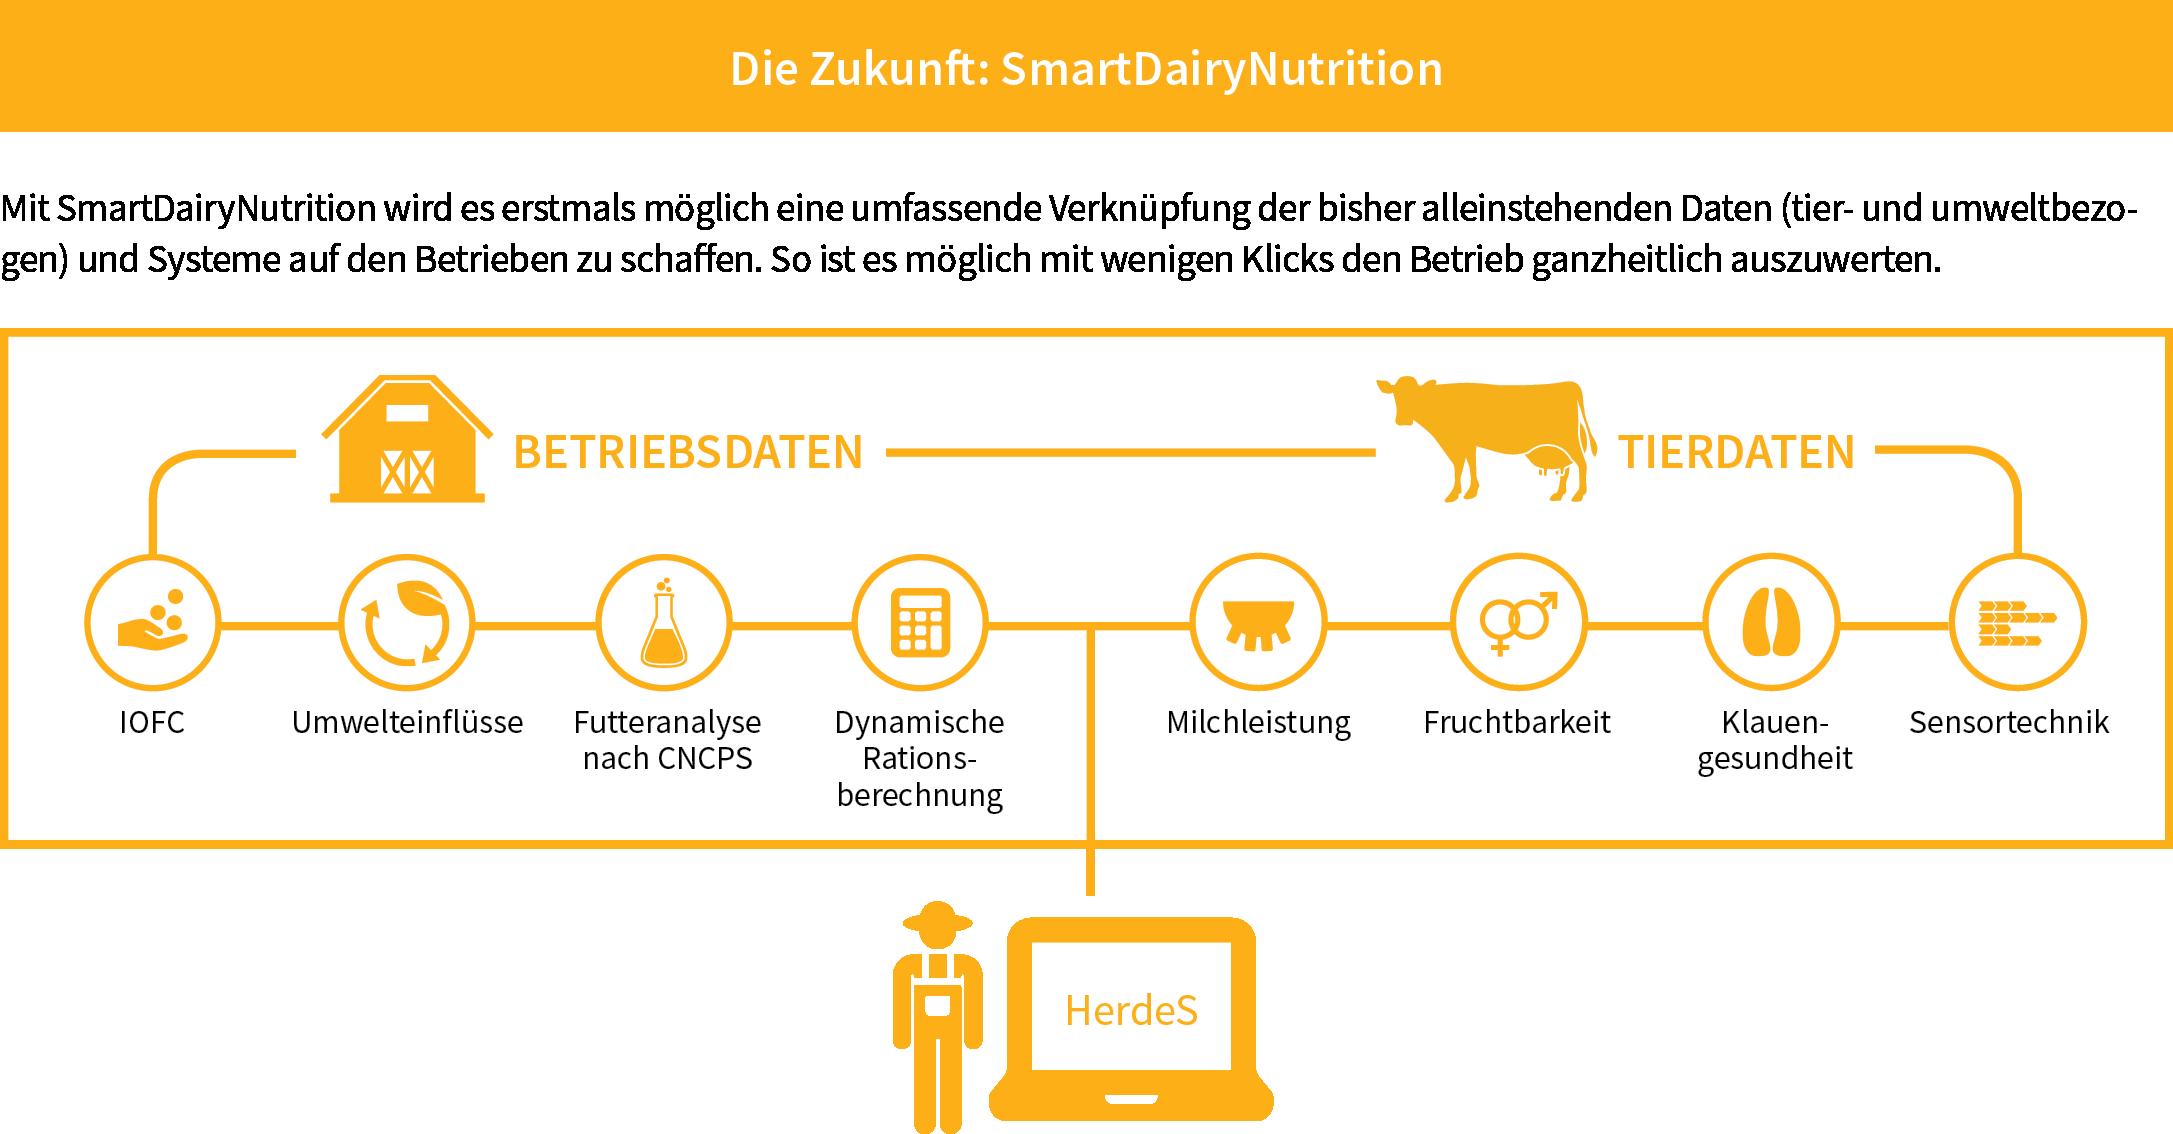 Die Zukunft: Ganzheitliches System SmartDairyNutrition